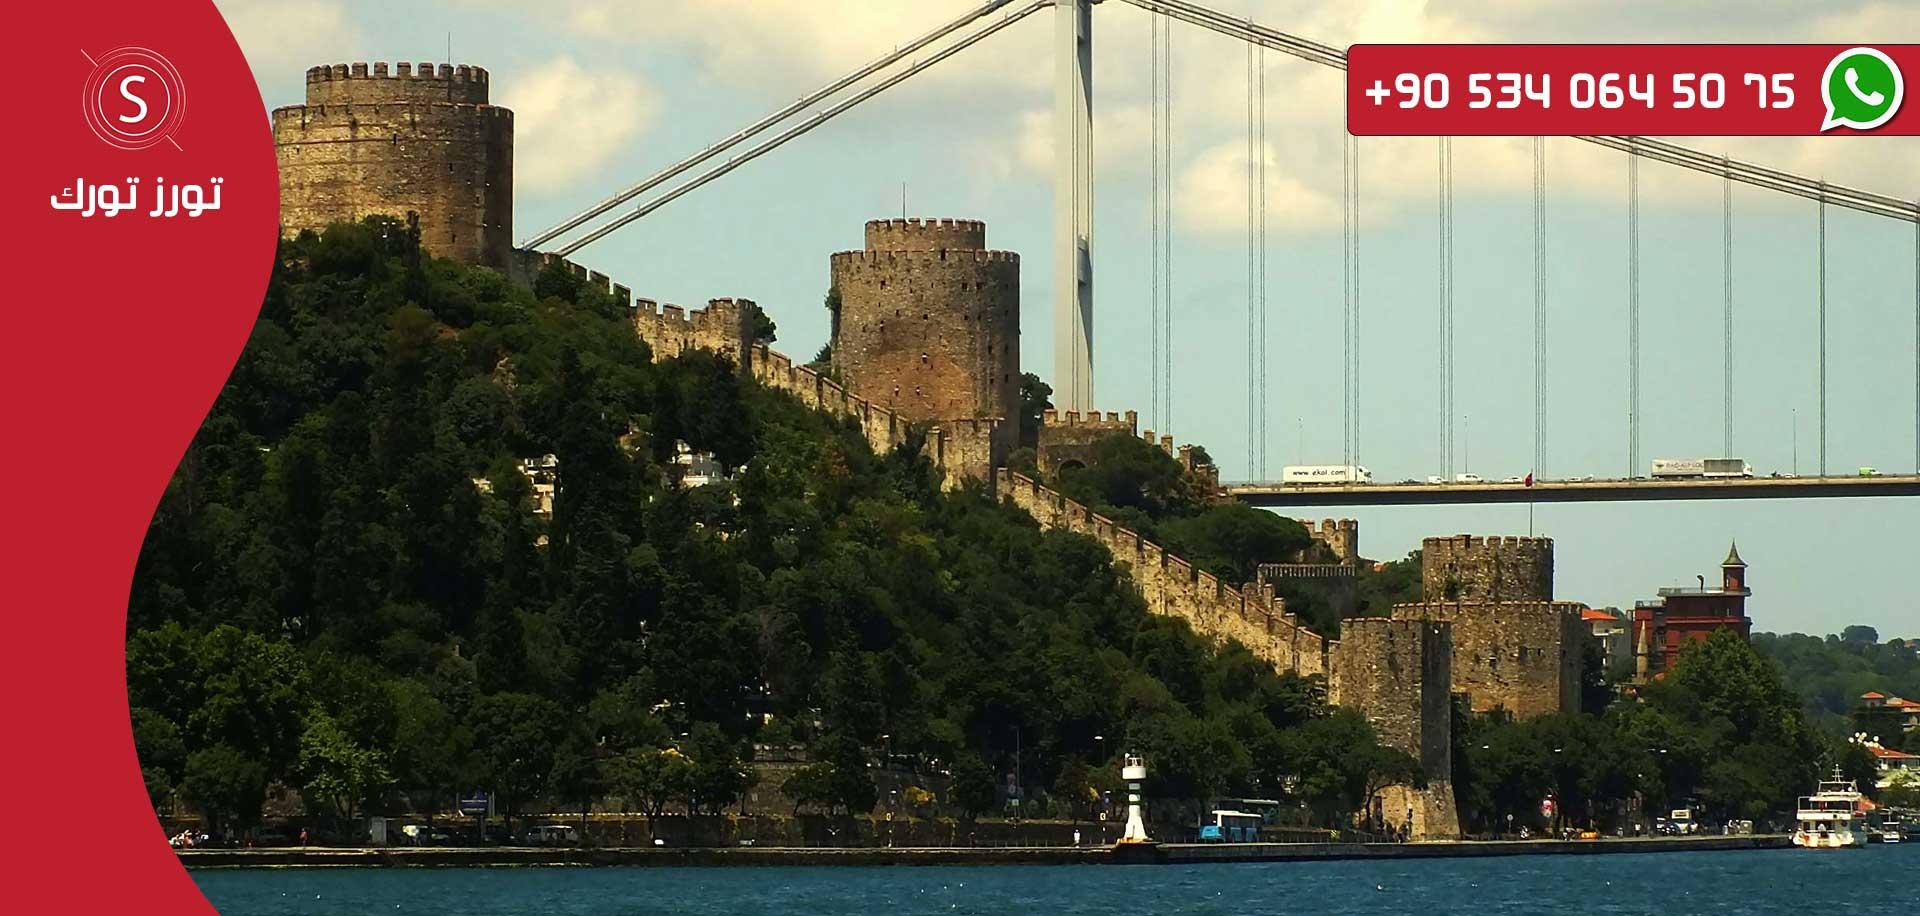 جولات في اسطنبول روملي هيساري